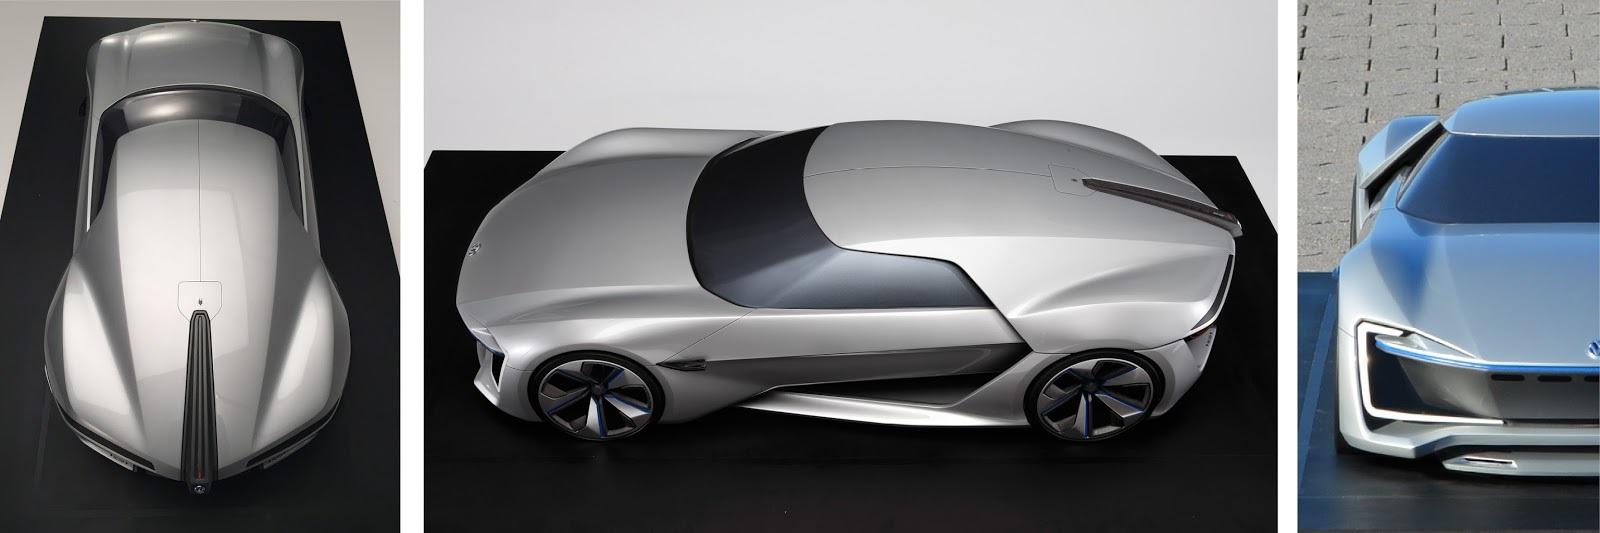 Volkswagen Gt Ge Concept 9 14